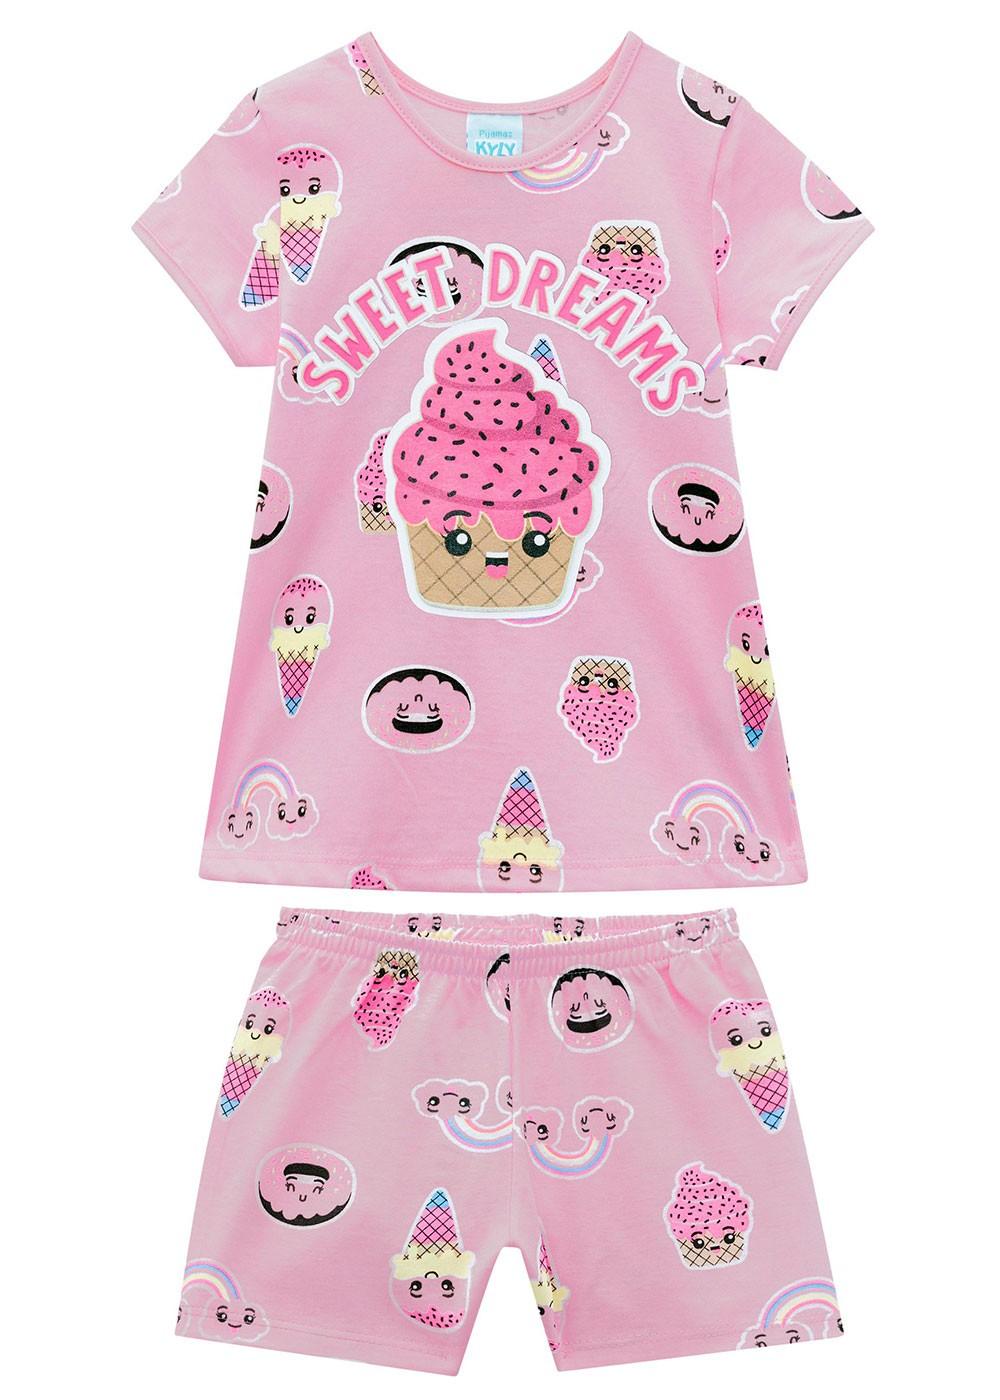 Pijama Infantil Feminino Dream Rosa Melão - Kyly